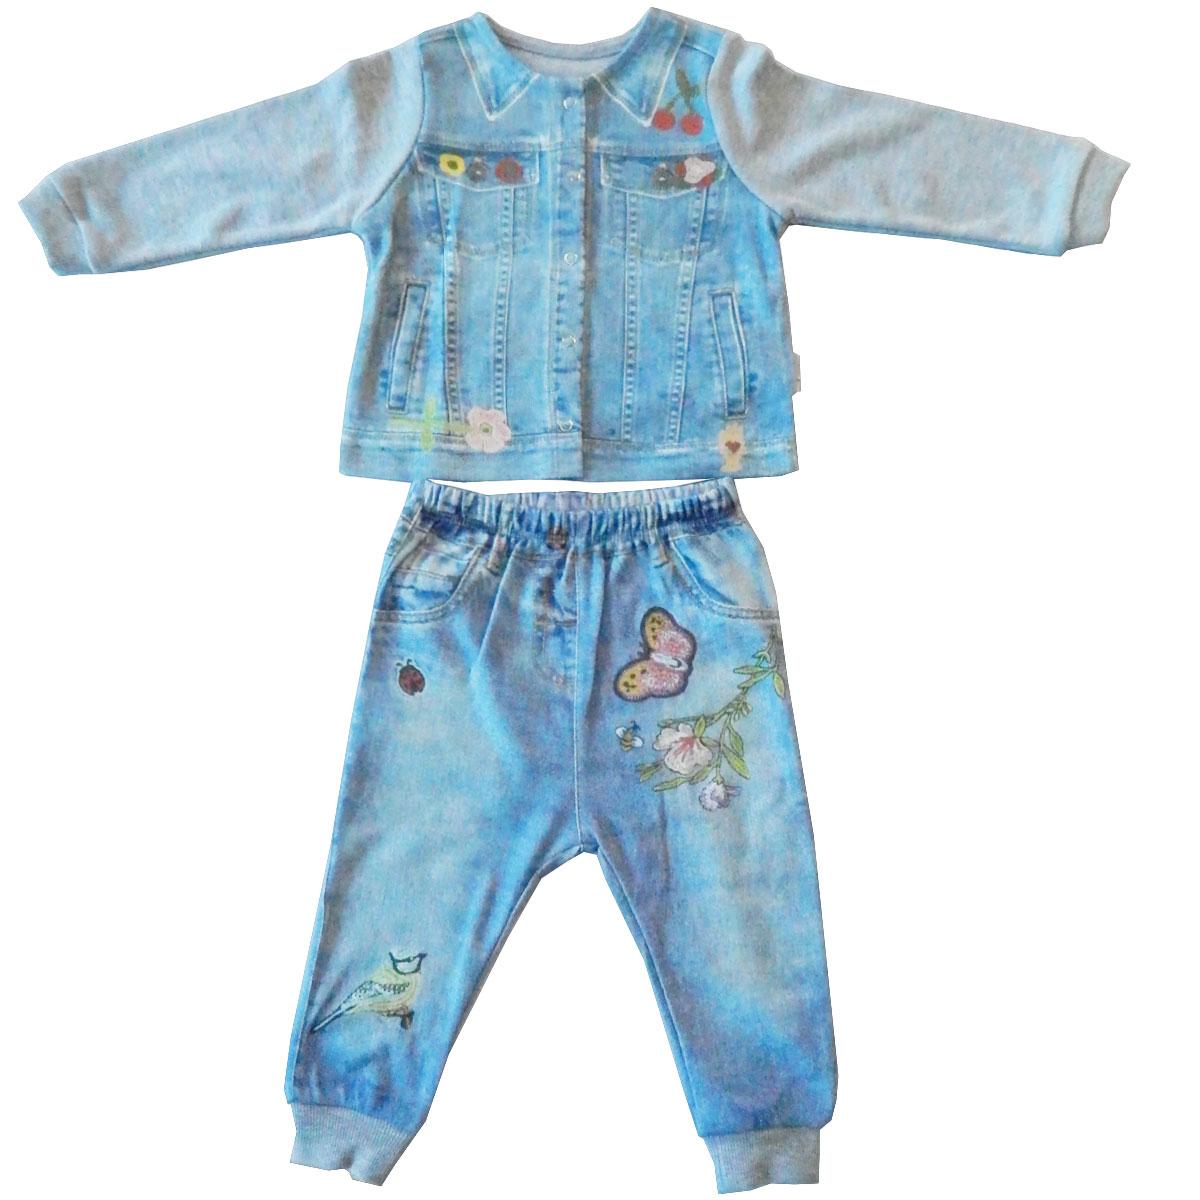 Комплект одежды Папитто для девочки Fashion Jeans 591-05 голубой р.22-68